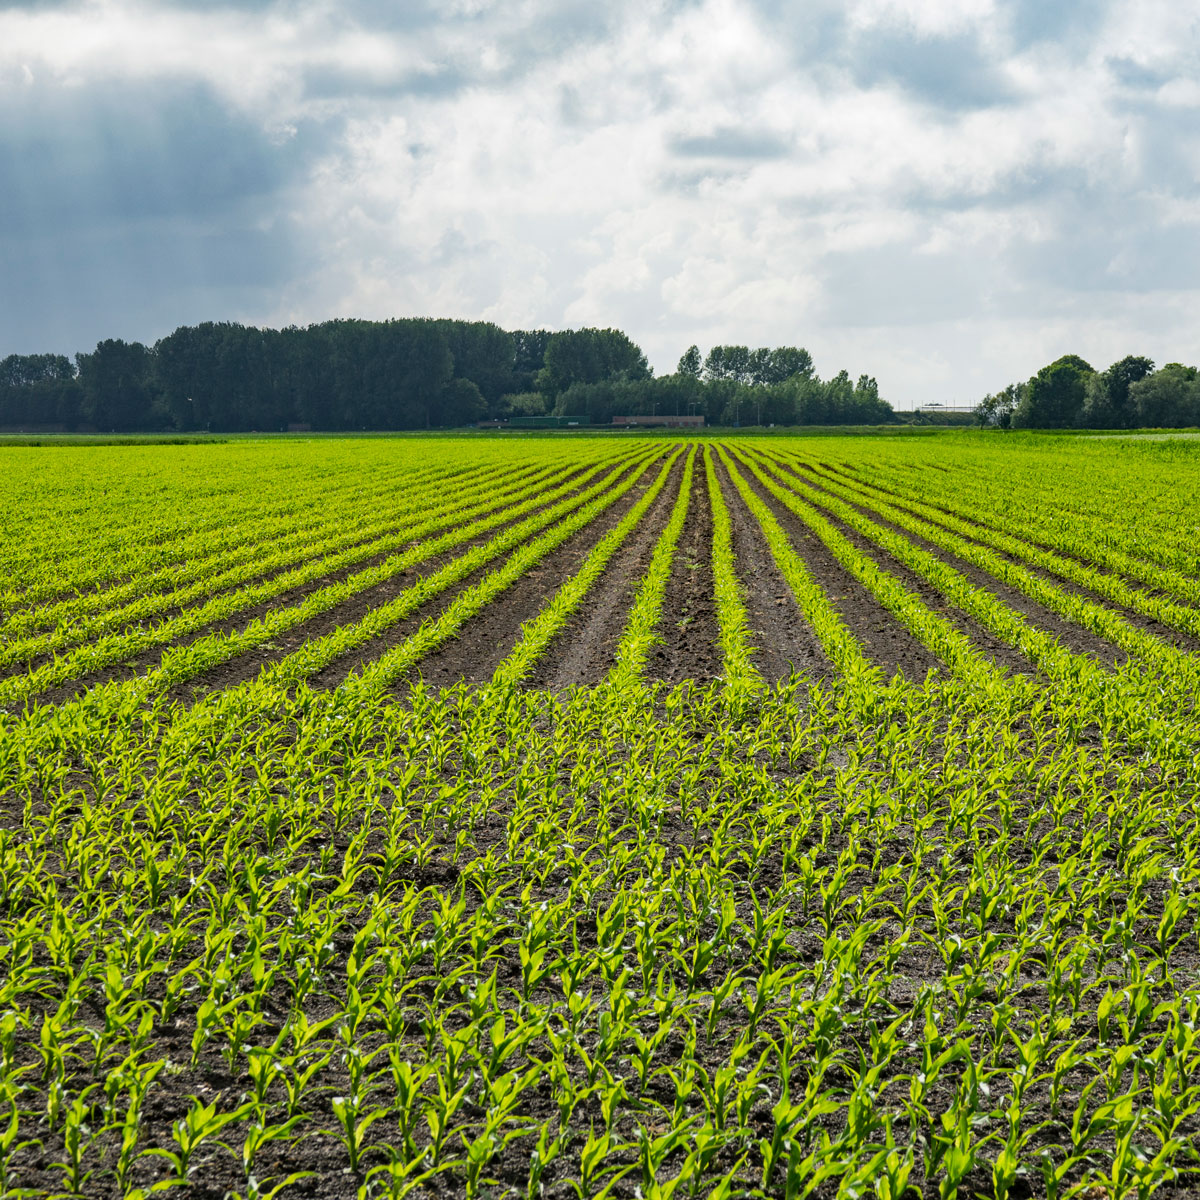 Kiemend maiszaad groeit op bouwland